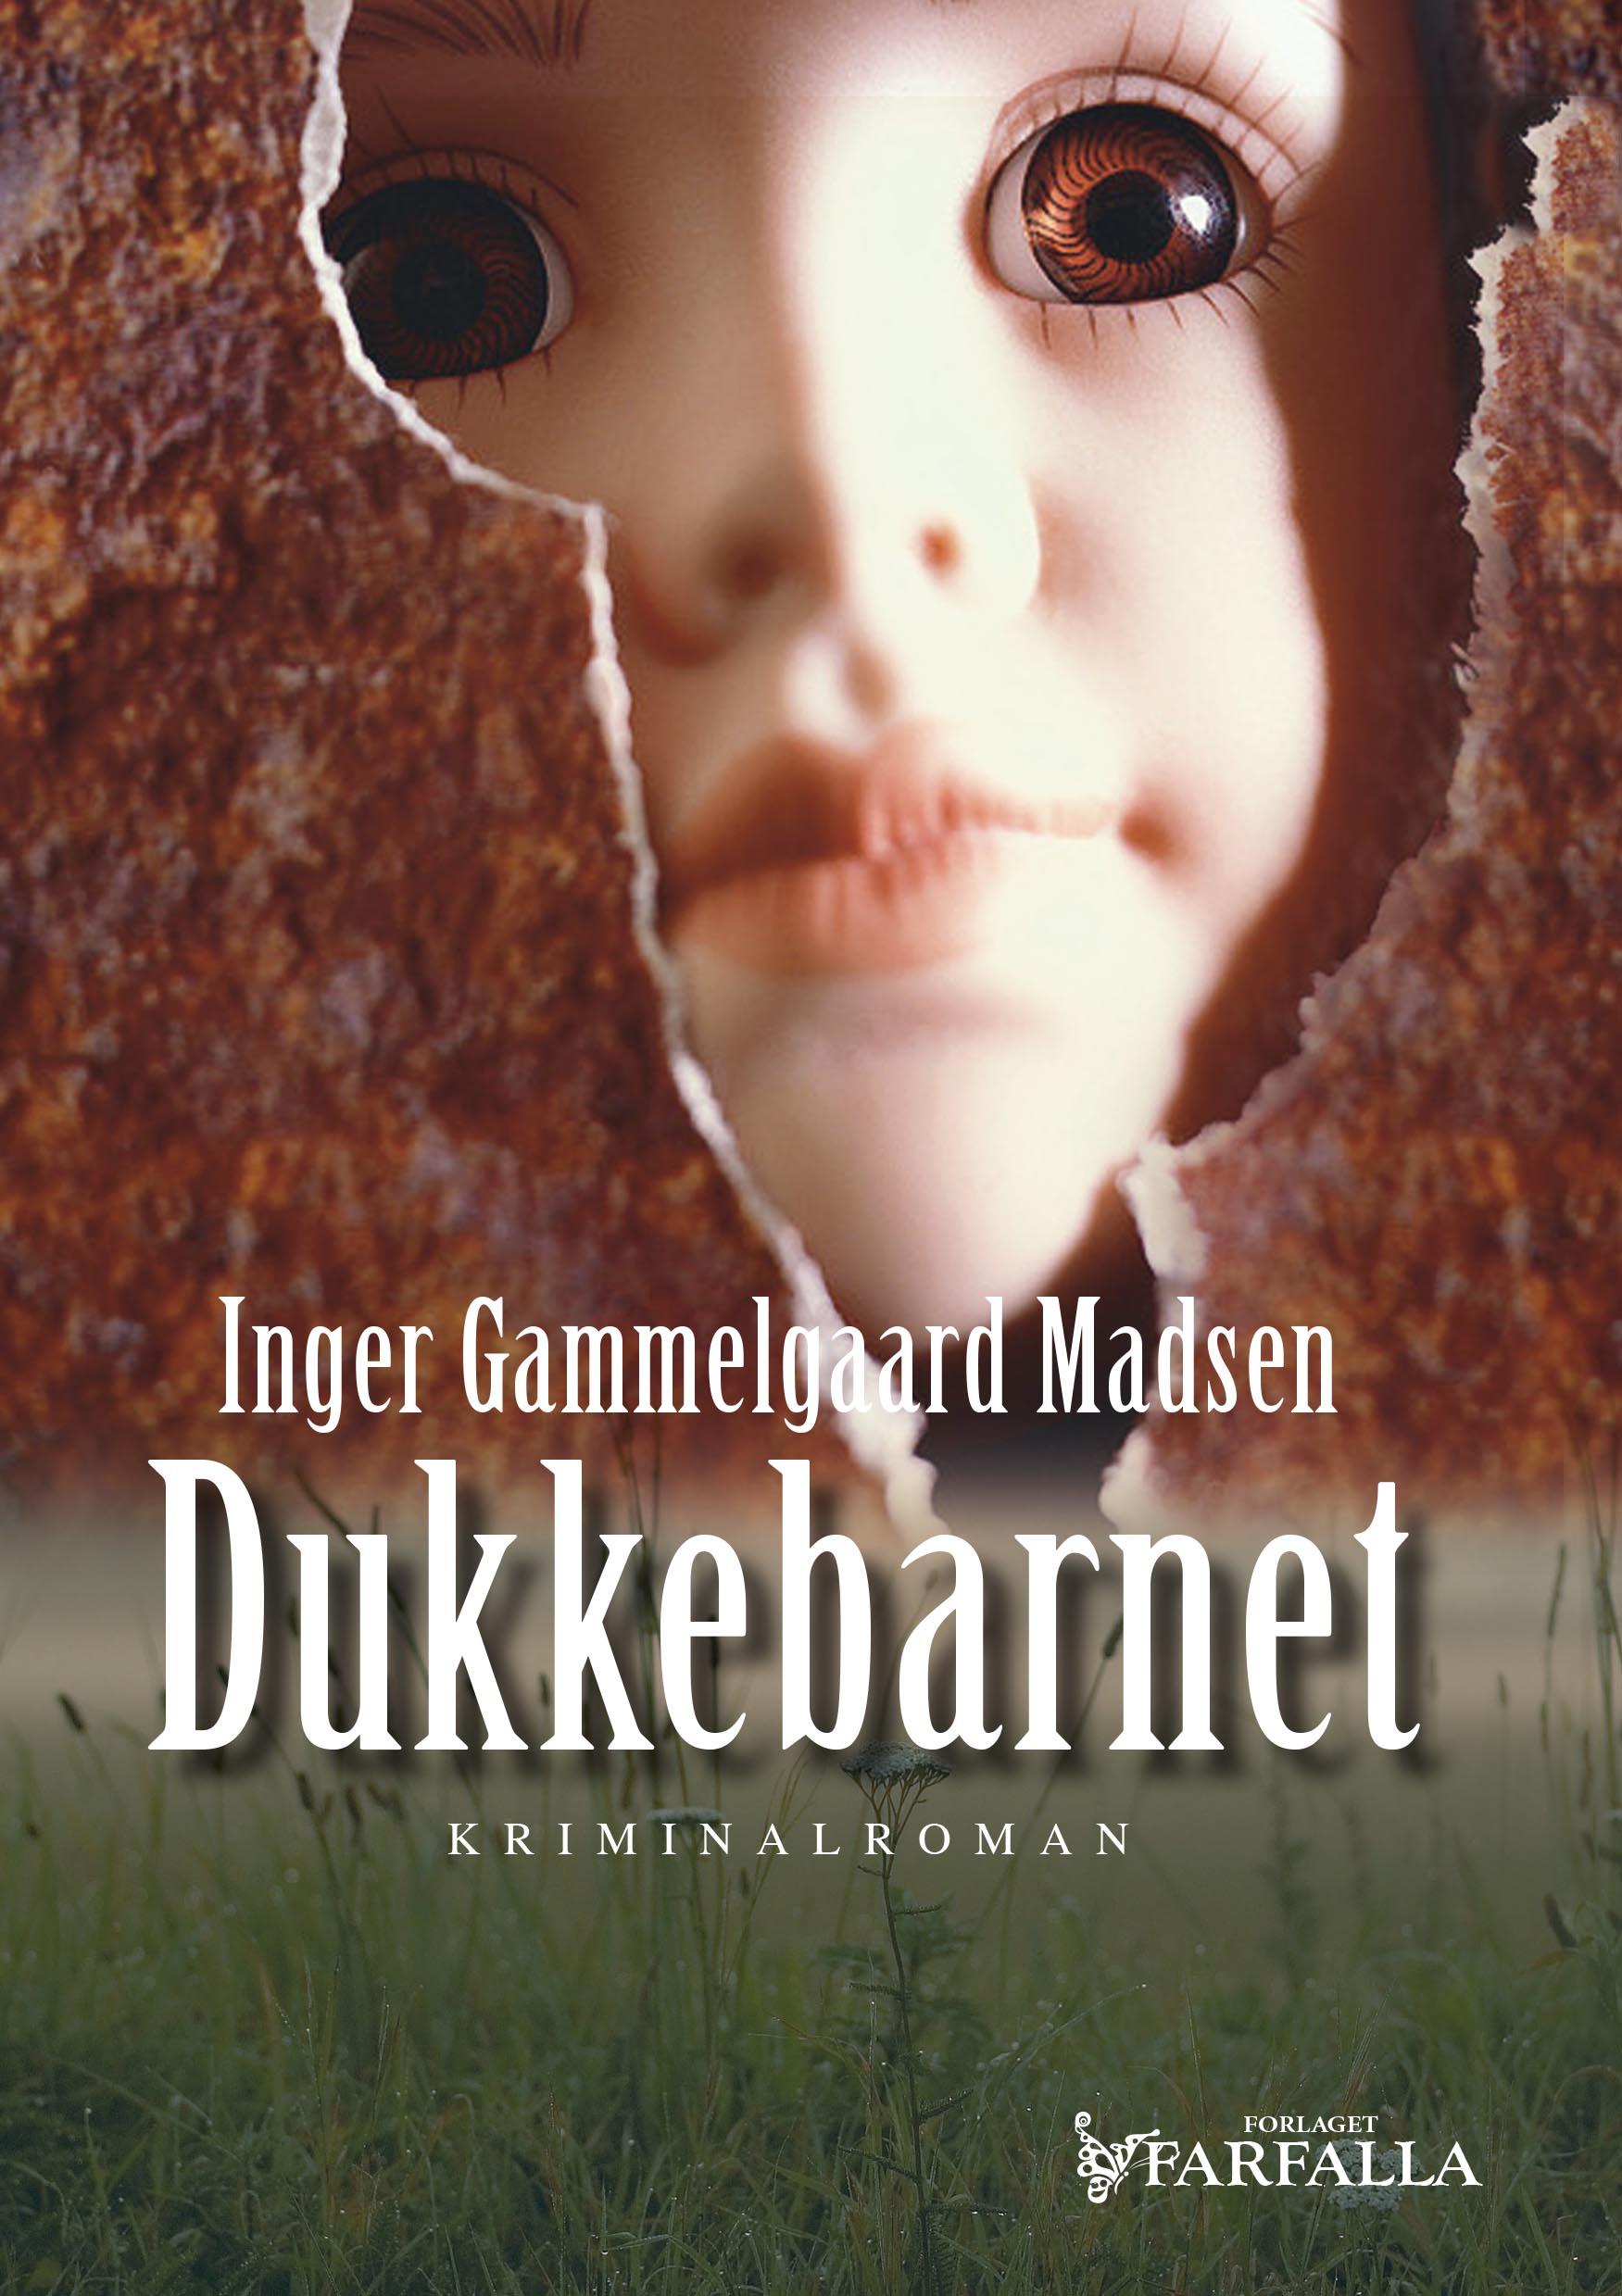 Man glemmer aldrig sin første, debut, Inger Gammelgaard Madsen, Dukkebarnet